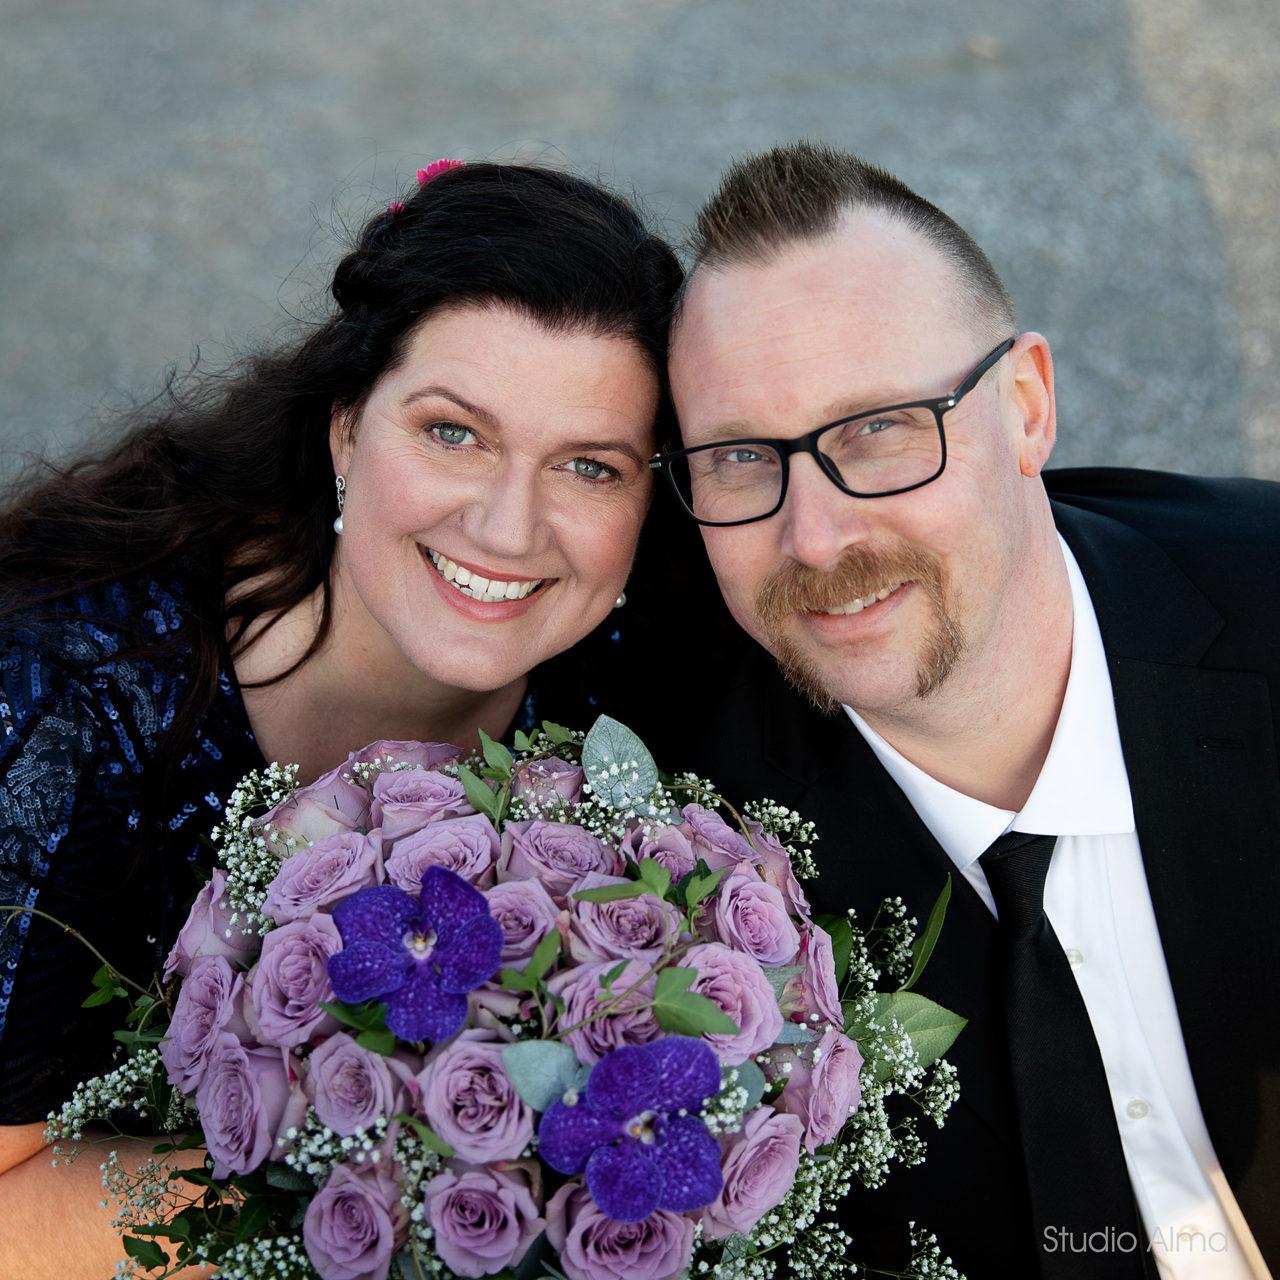 bryllup-brudepar-studioalma-fotograf